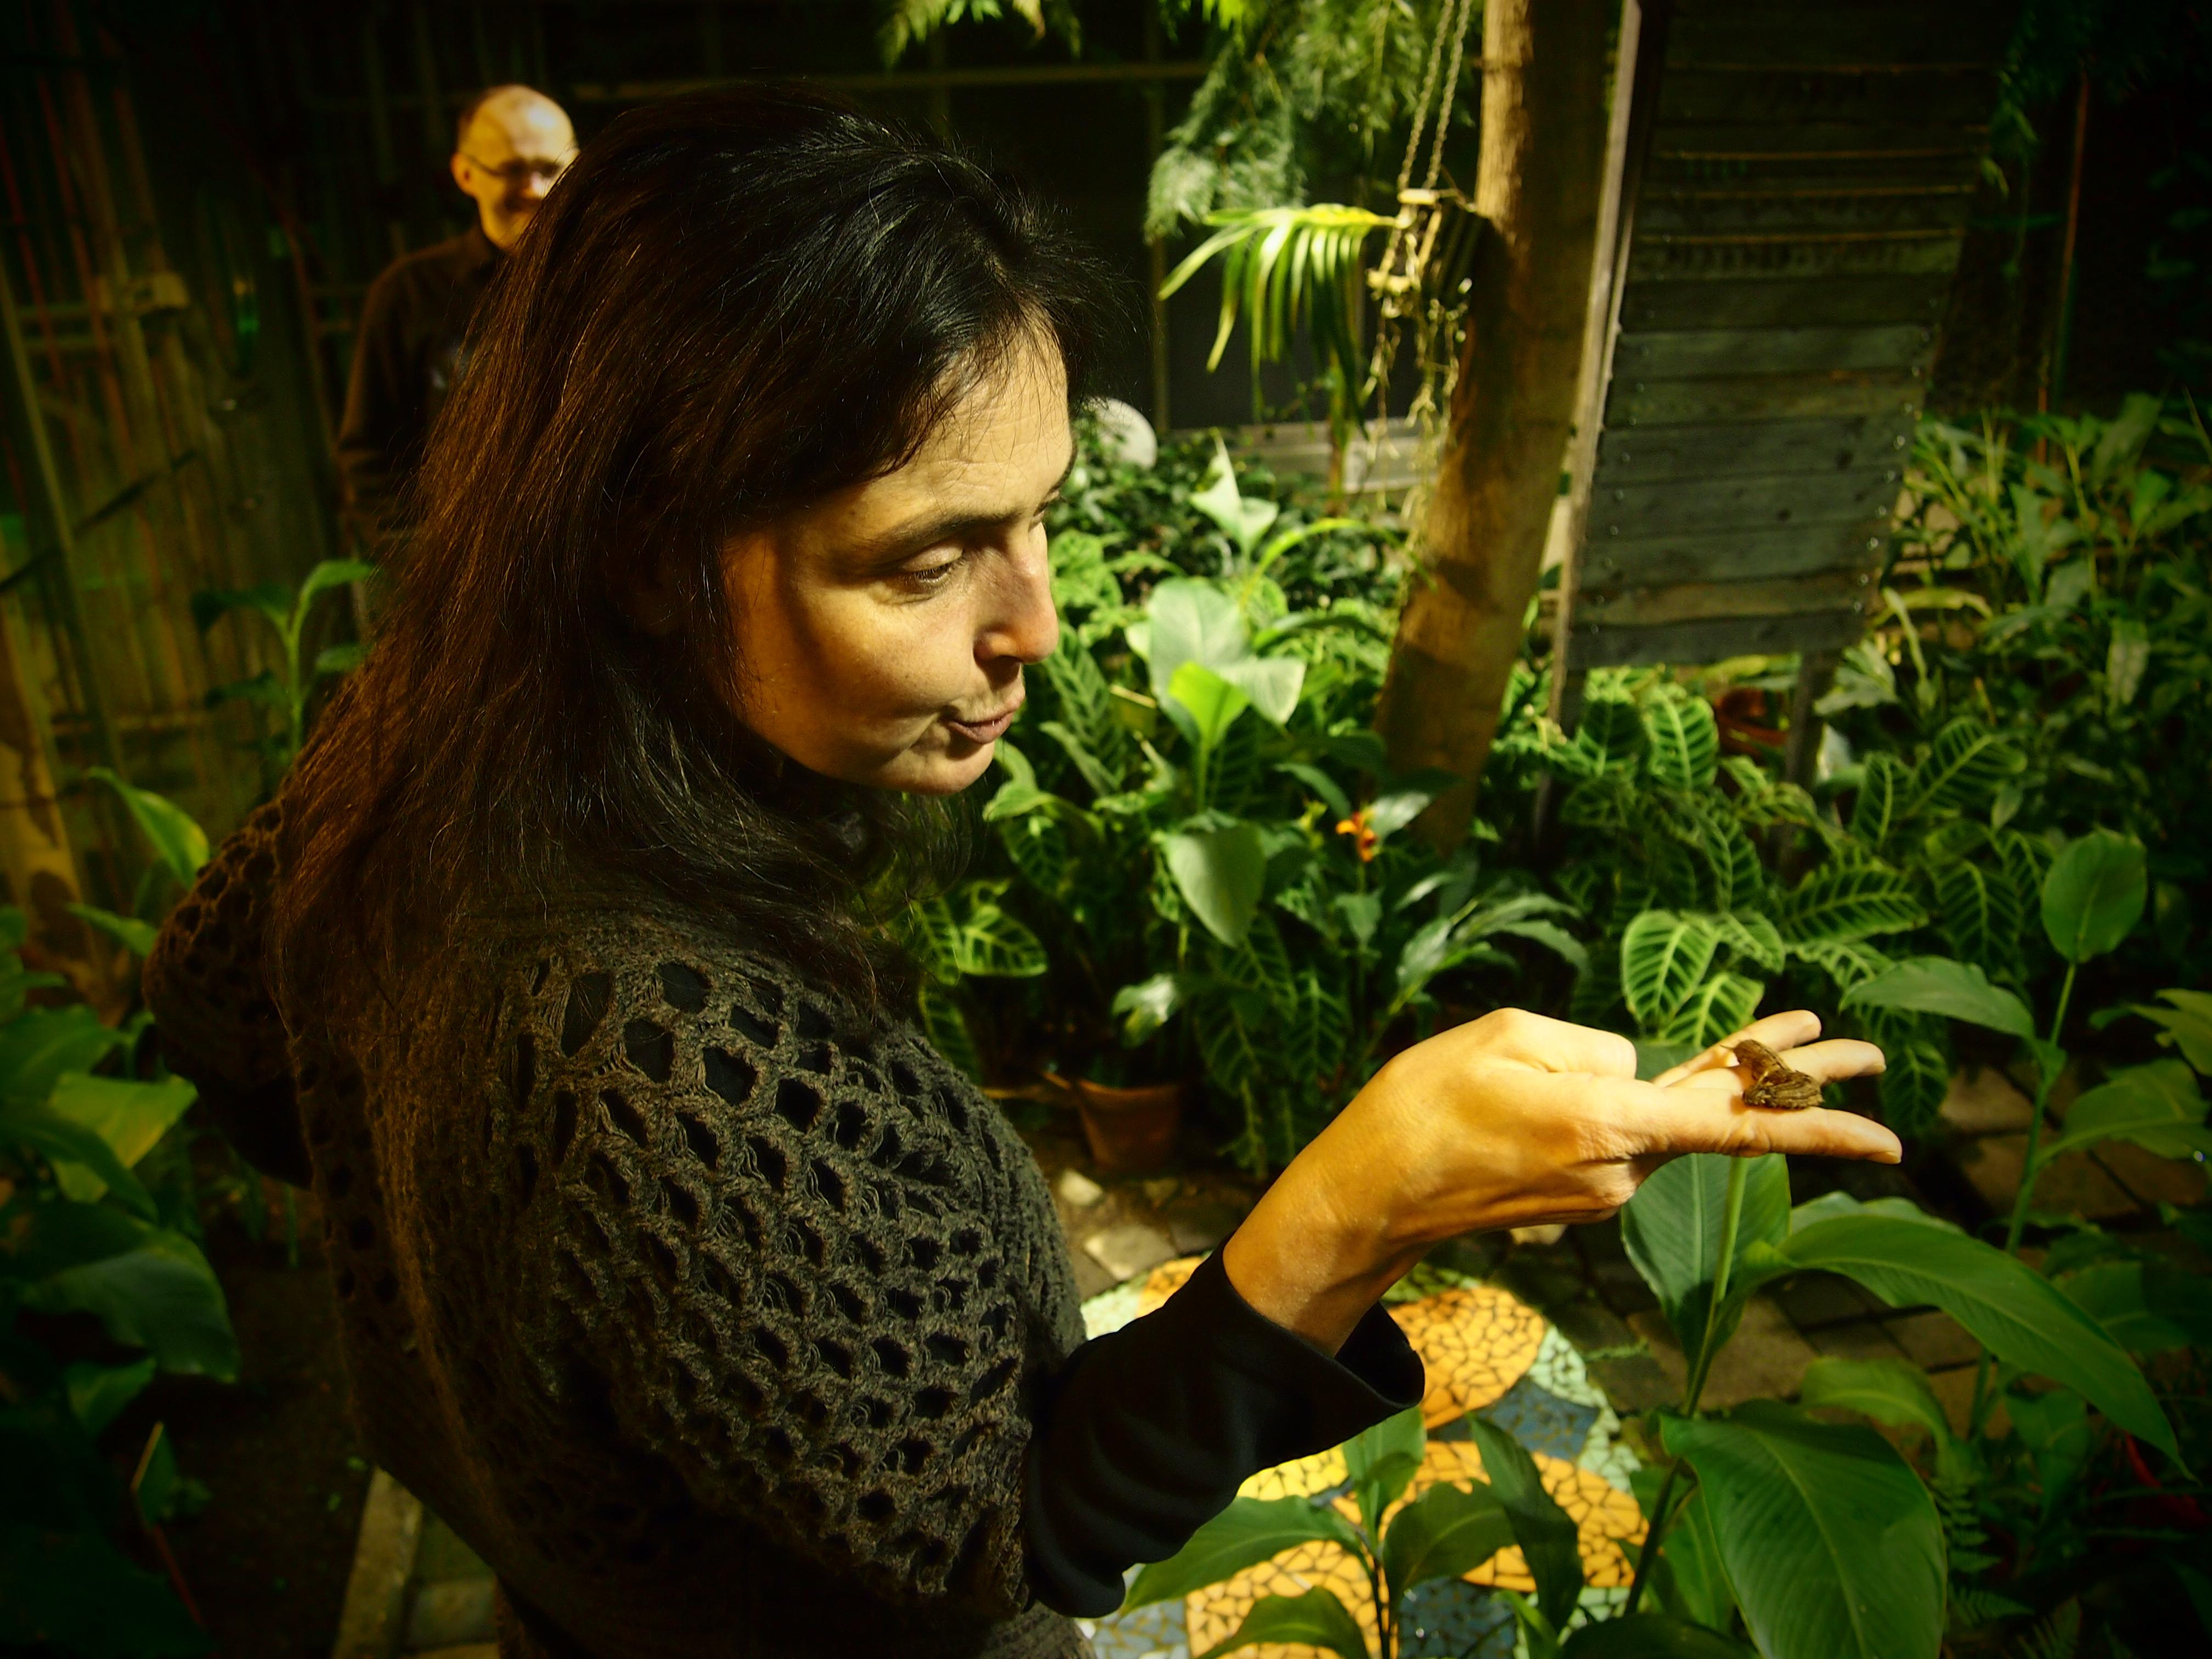 Музыковед Ноора София Викман знает о бабочках не меньше, чем энтомологи. Фото: Валерий Поташов